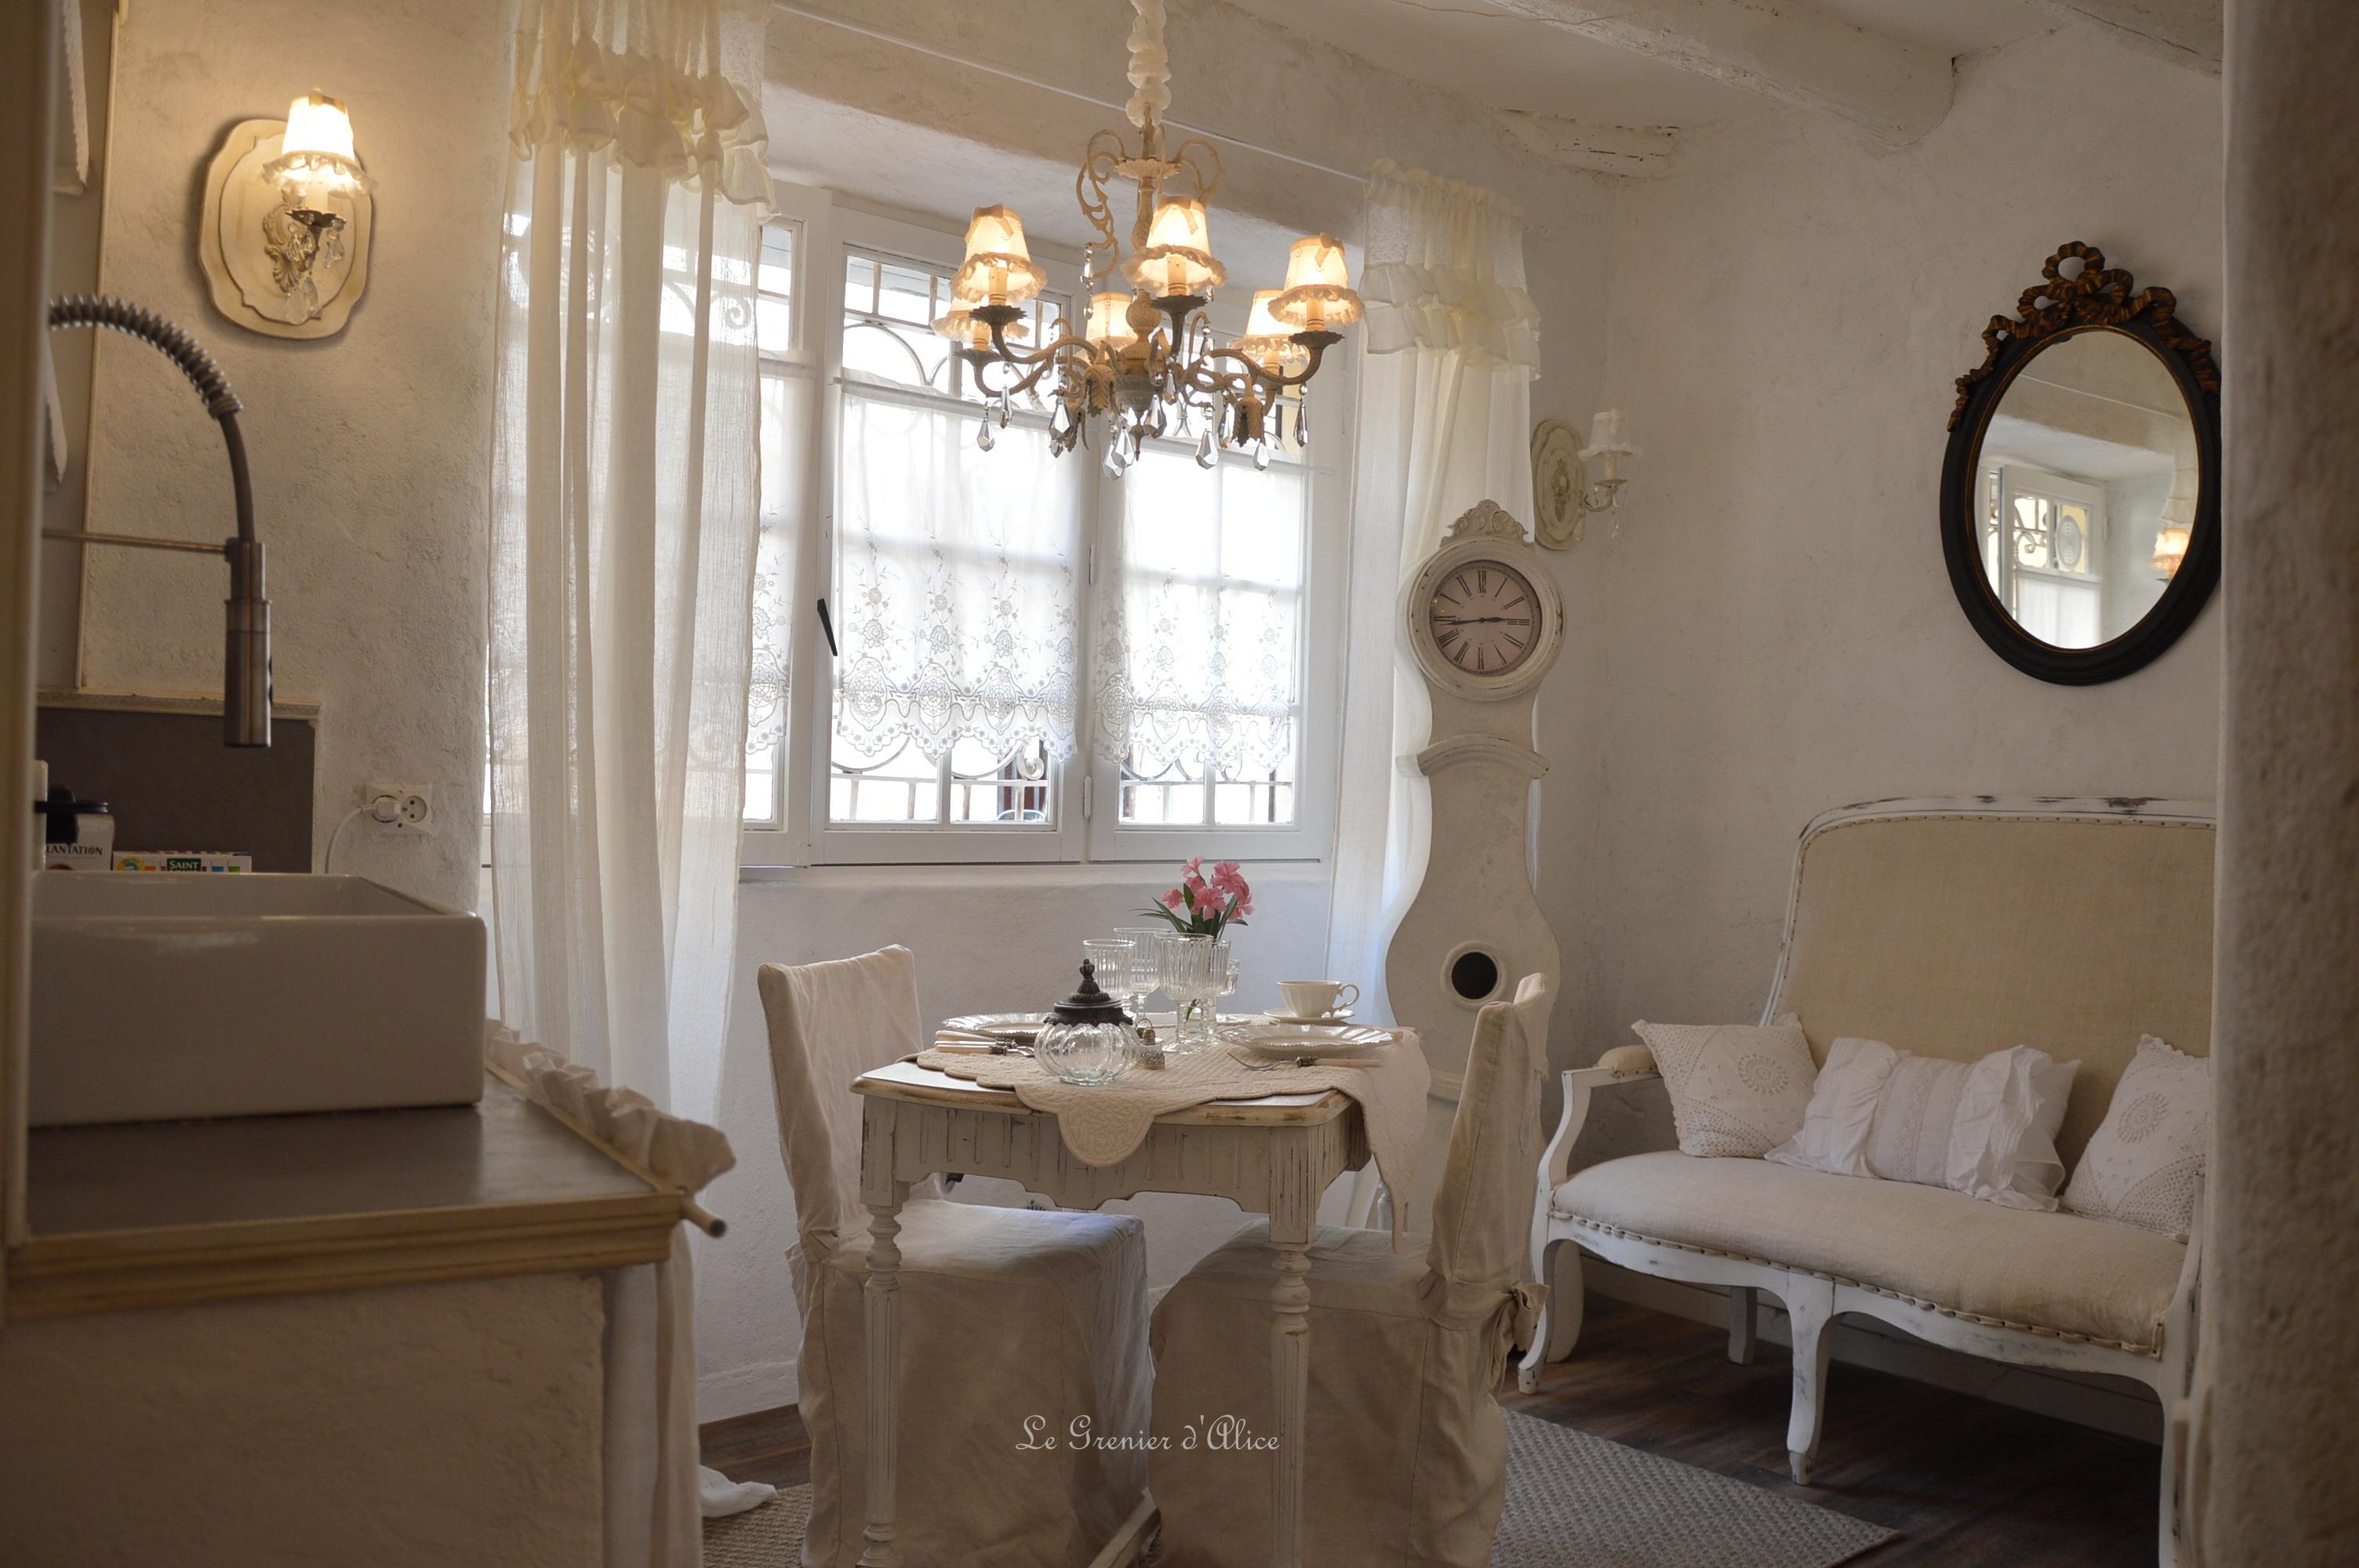 salon cuisine shabby chic et romantique centre historique aix en provence airbnb location meubl. Black Bedroom Furniture Sets. Home Design Ideas